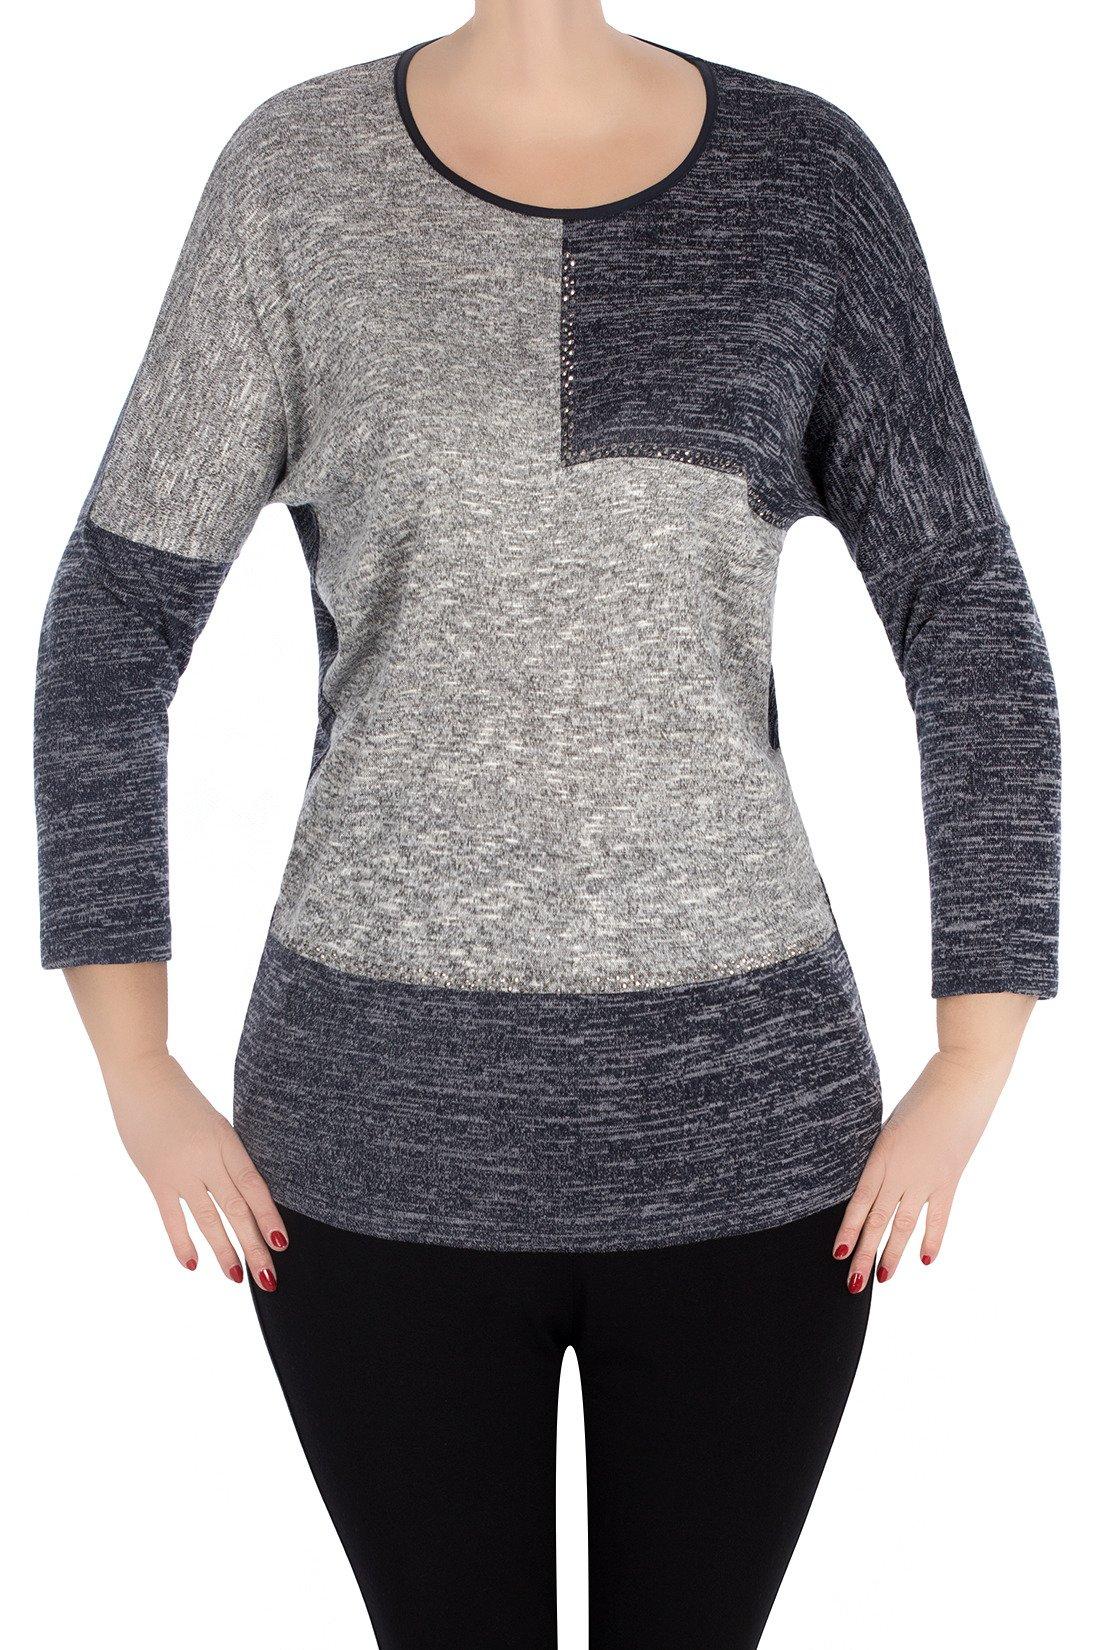 a52230d39da01 Bluzka Marguerite by Mako jeansowa z szarym 3002 | sklep internetowy ...